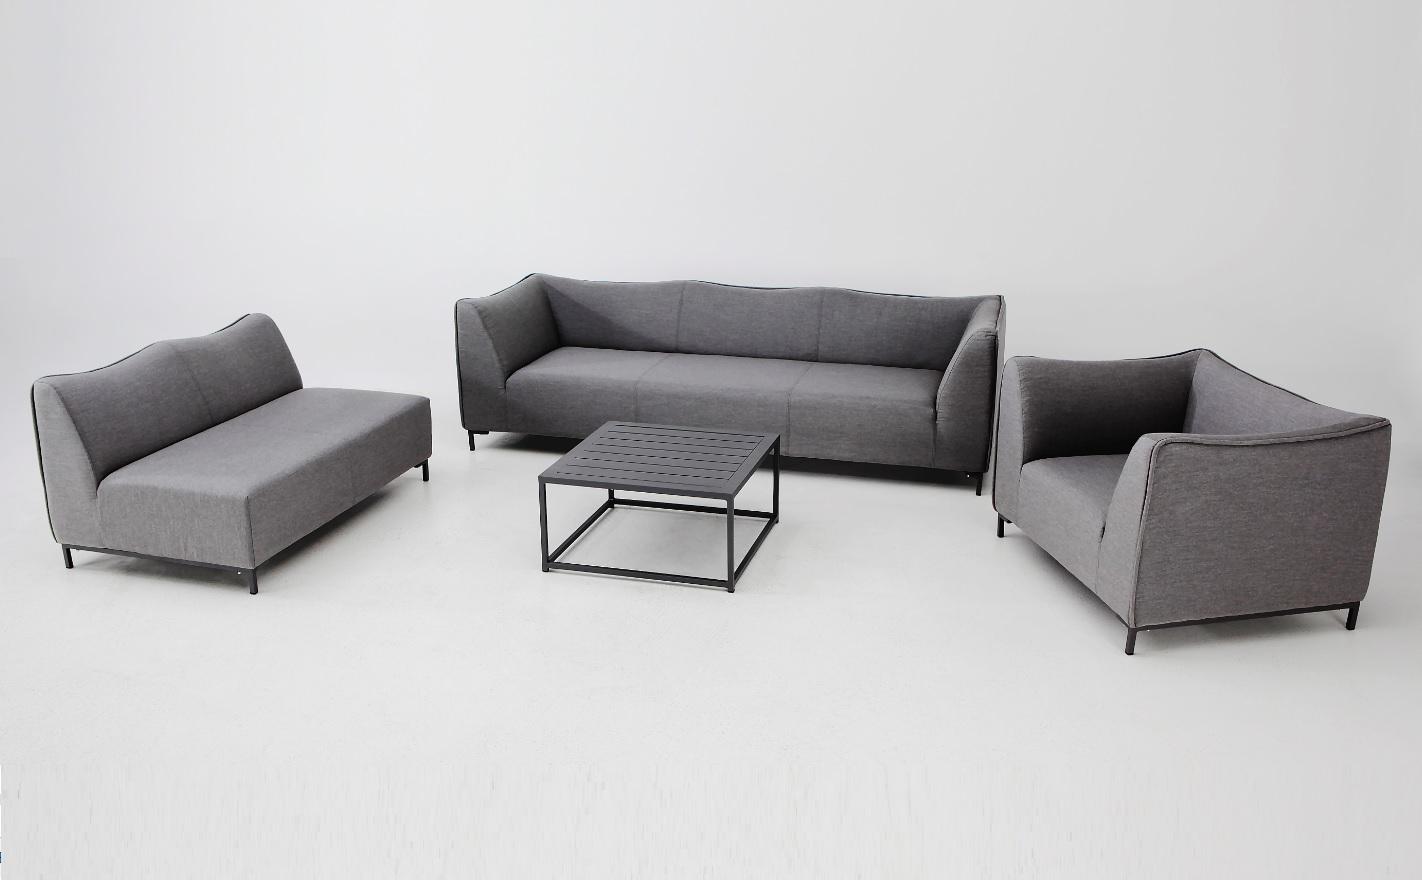 Naxos set Sofa esquinero 6 plazas terraza lounge tapizado gris